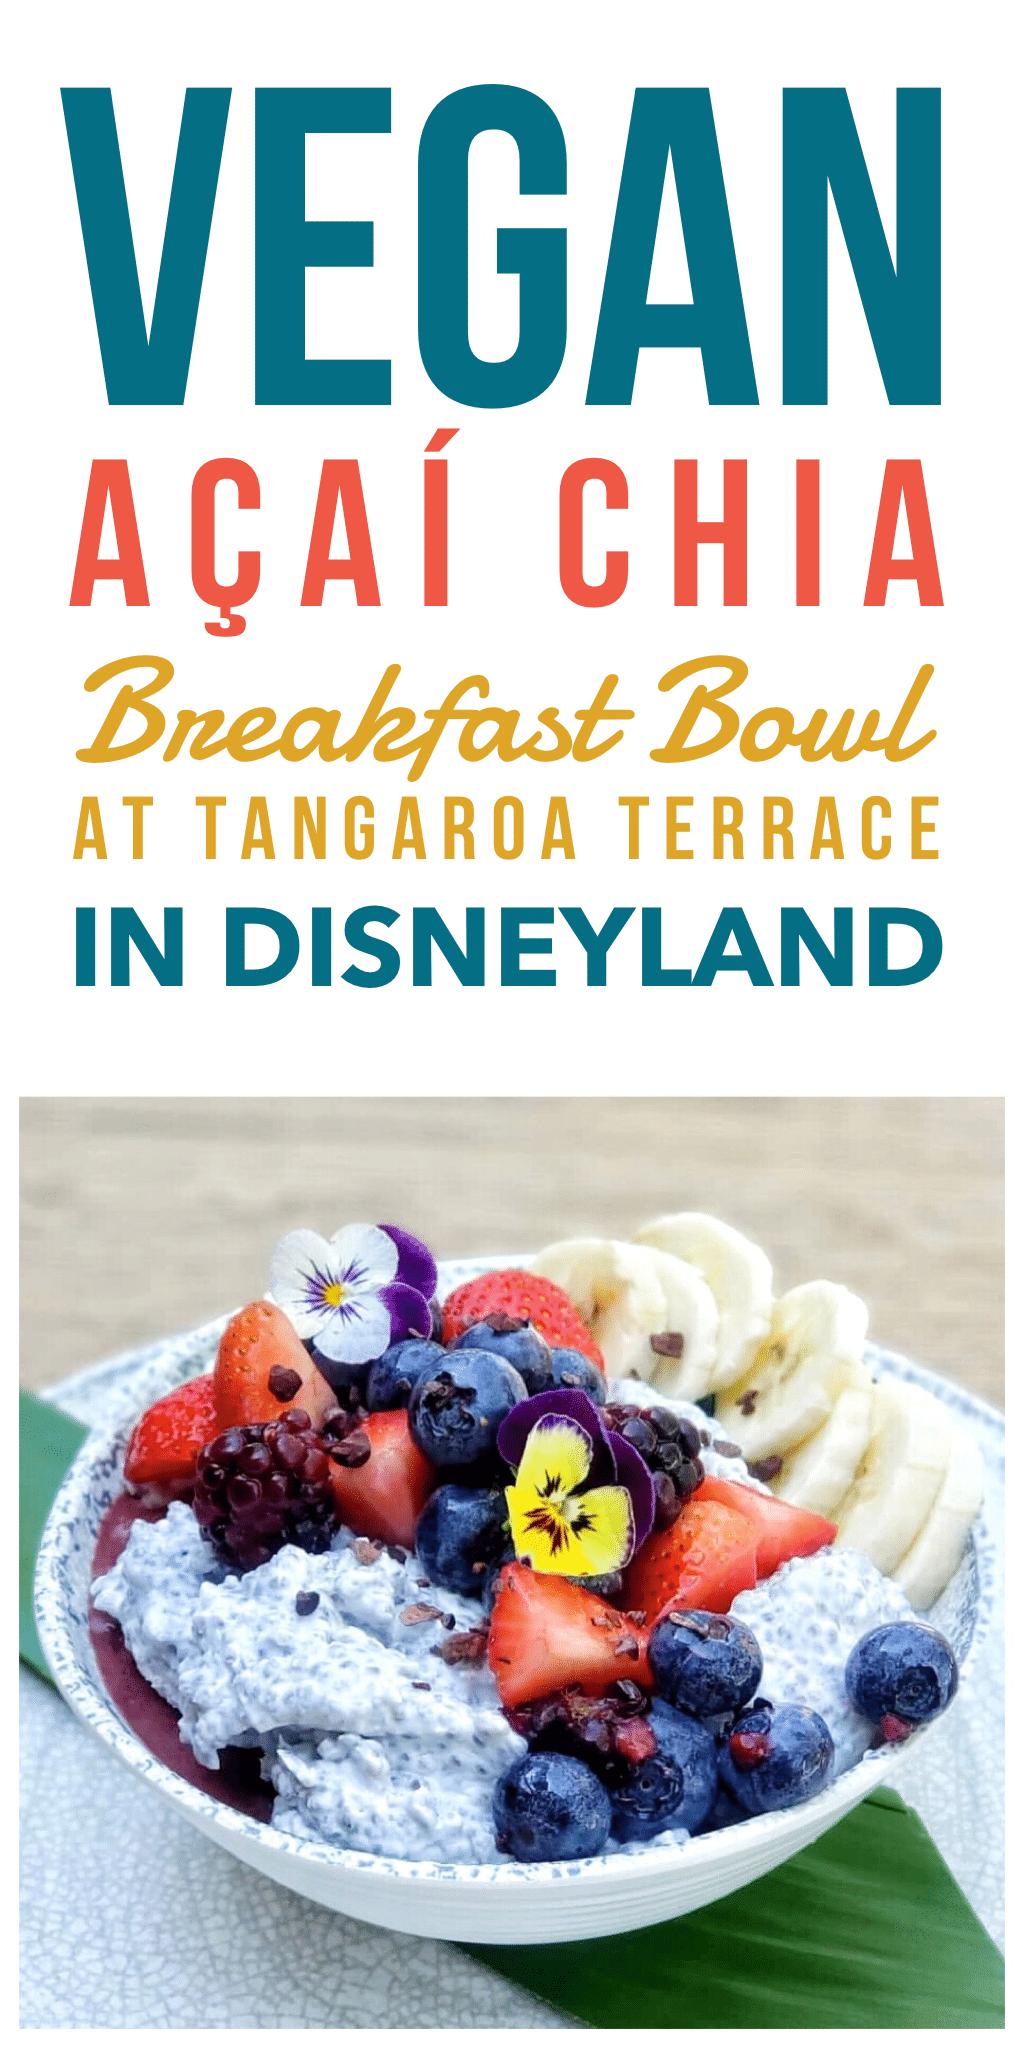 Vegan Acai Chia Breakfast Bowl at Tangaroa Terrace in Disneyland Hotel